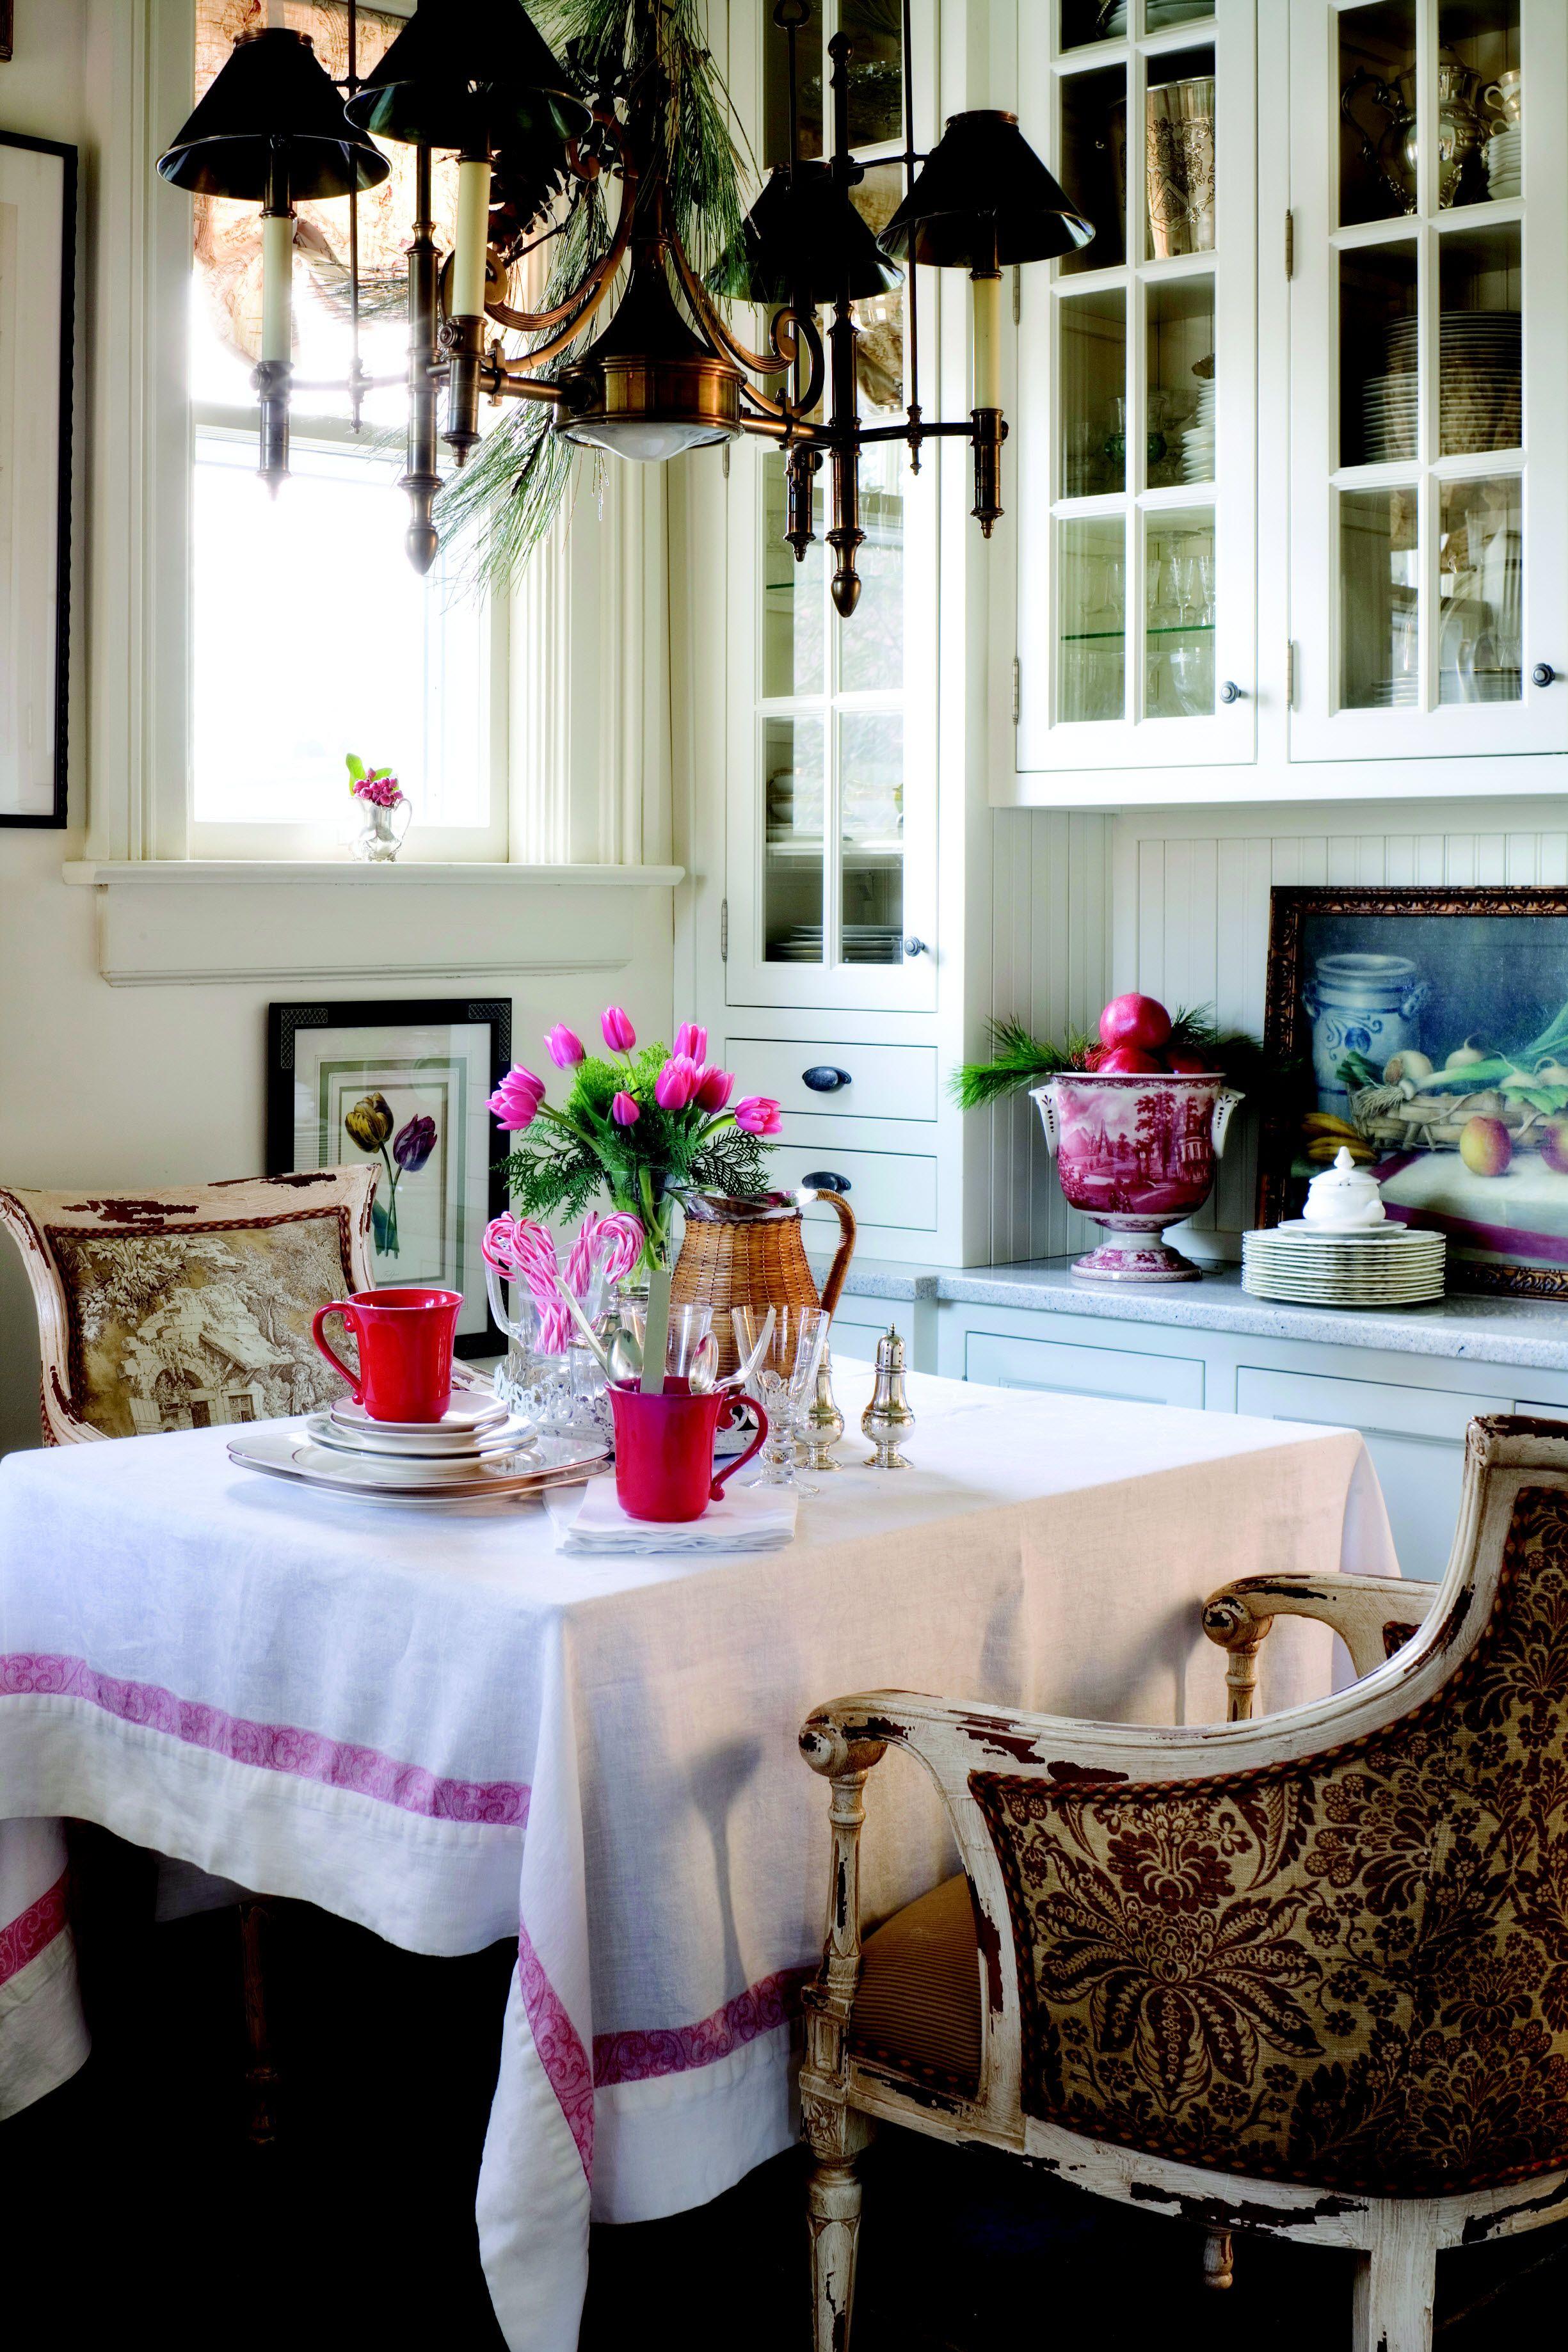 Esszimmer mit küche lovely kitchen setting  love the chairs  fashion  pinterest